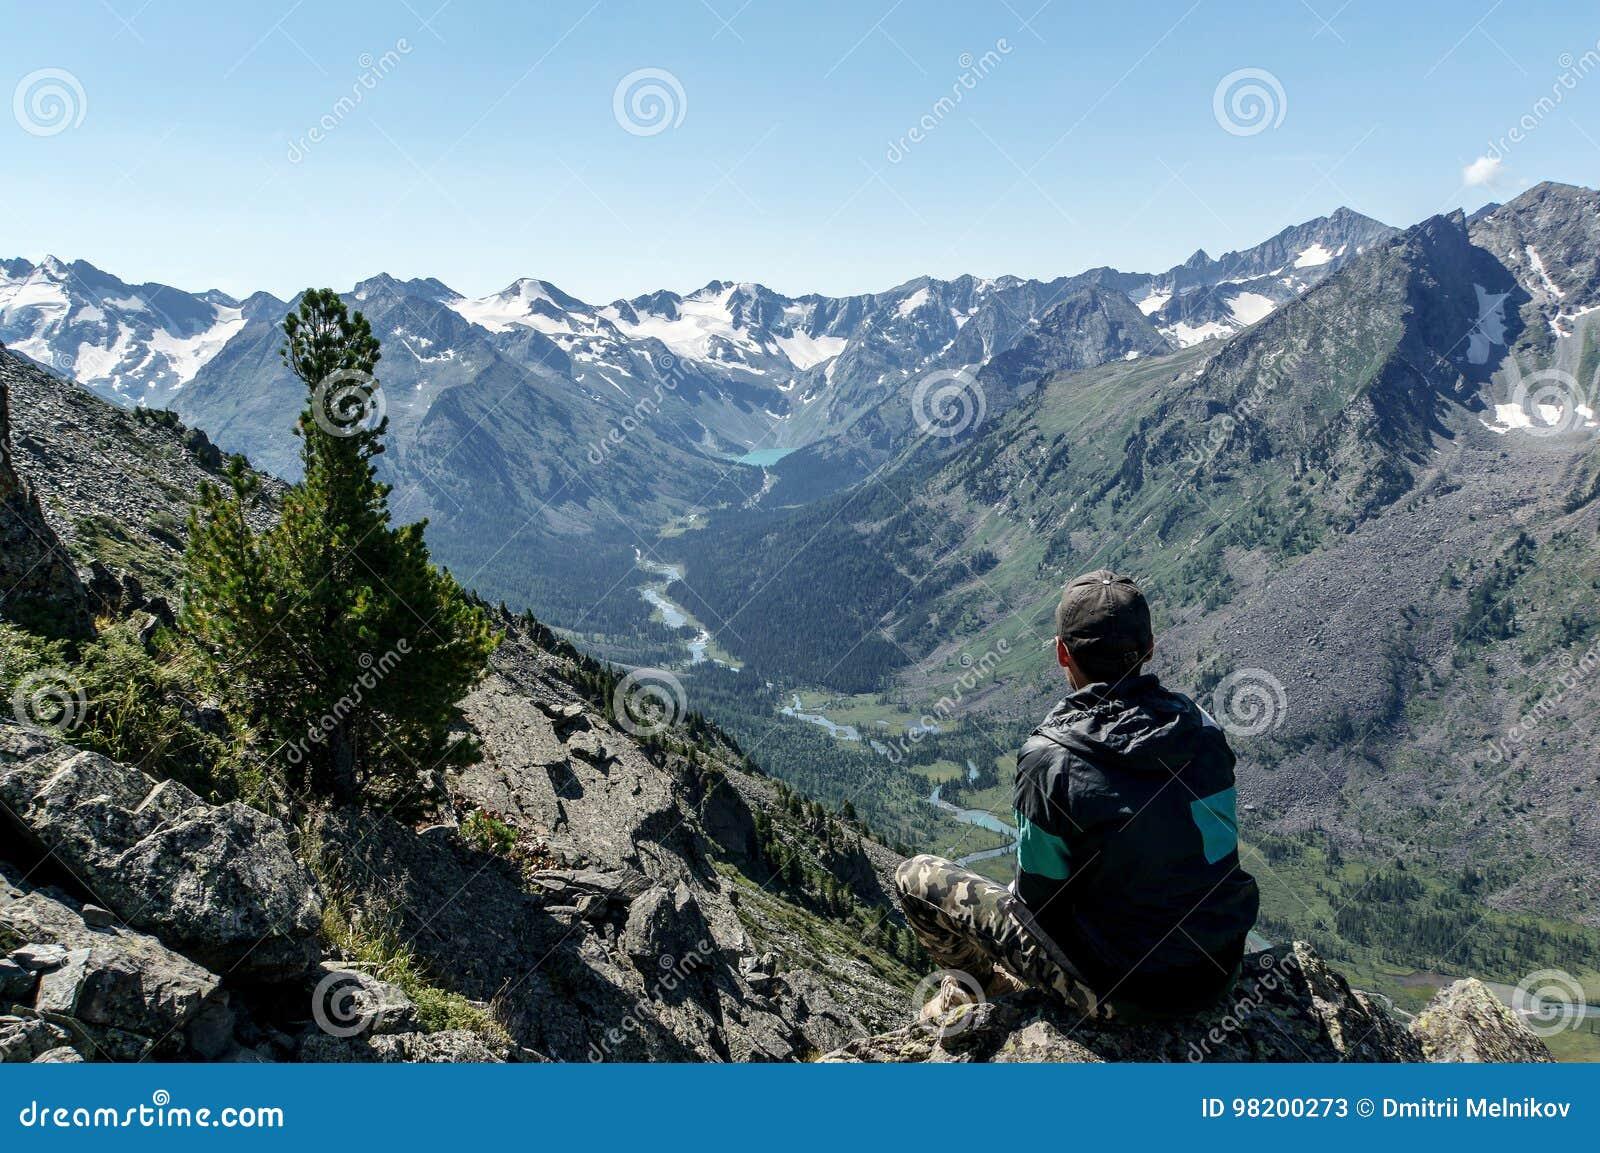 Download Сиротливый человек смотря River Valley сидя на утесе Редакционное Стоковое Фото - изображение насчитывающей скала, человек: 98200273